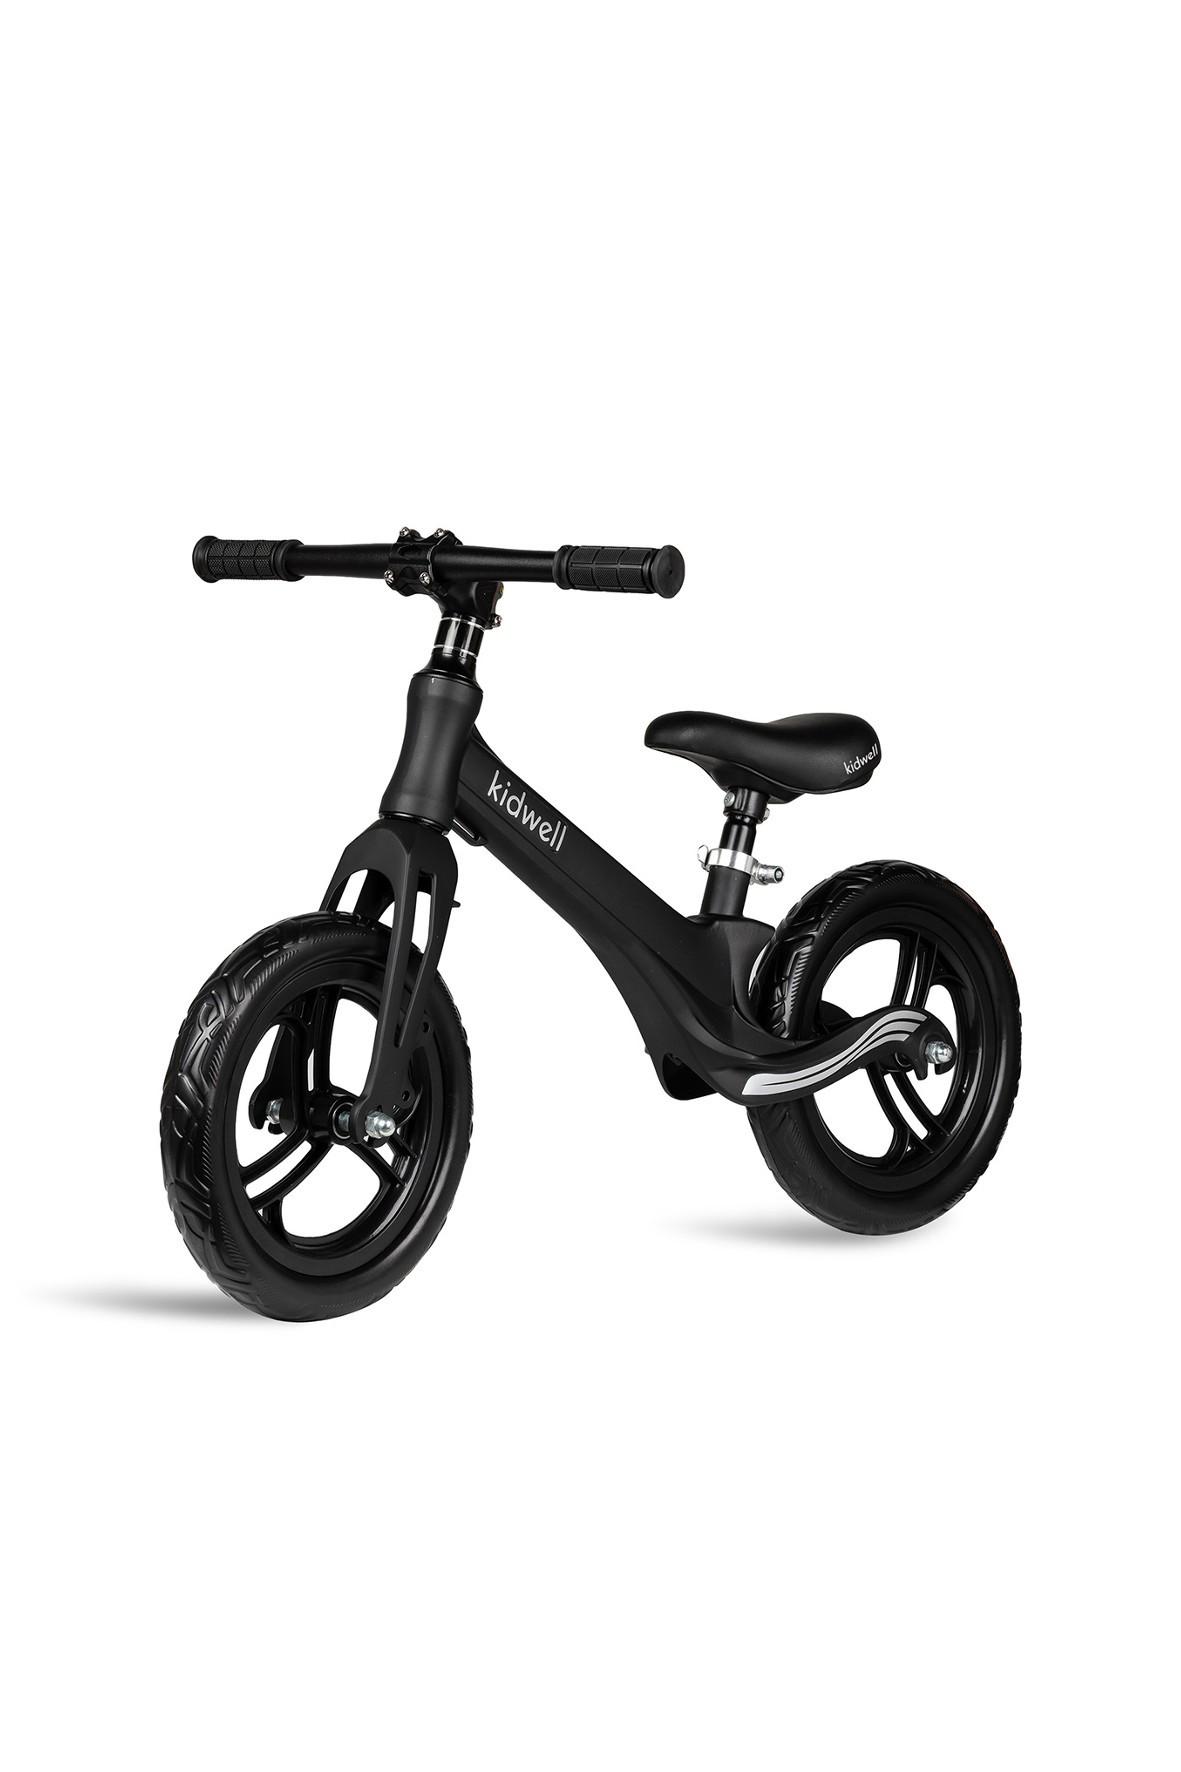 Rowerek biegowy dziecięcy Falcon czarny fo 30kg